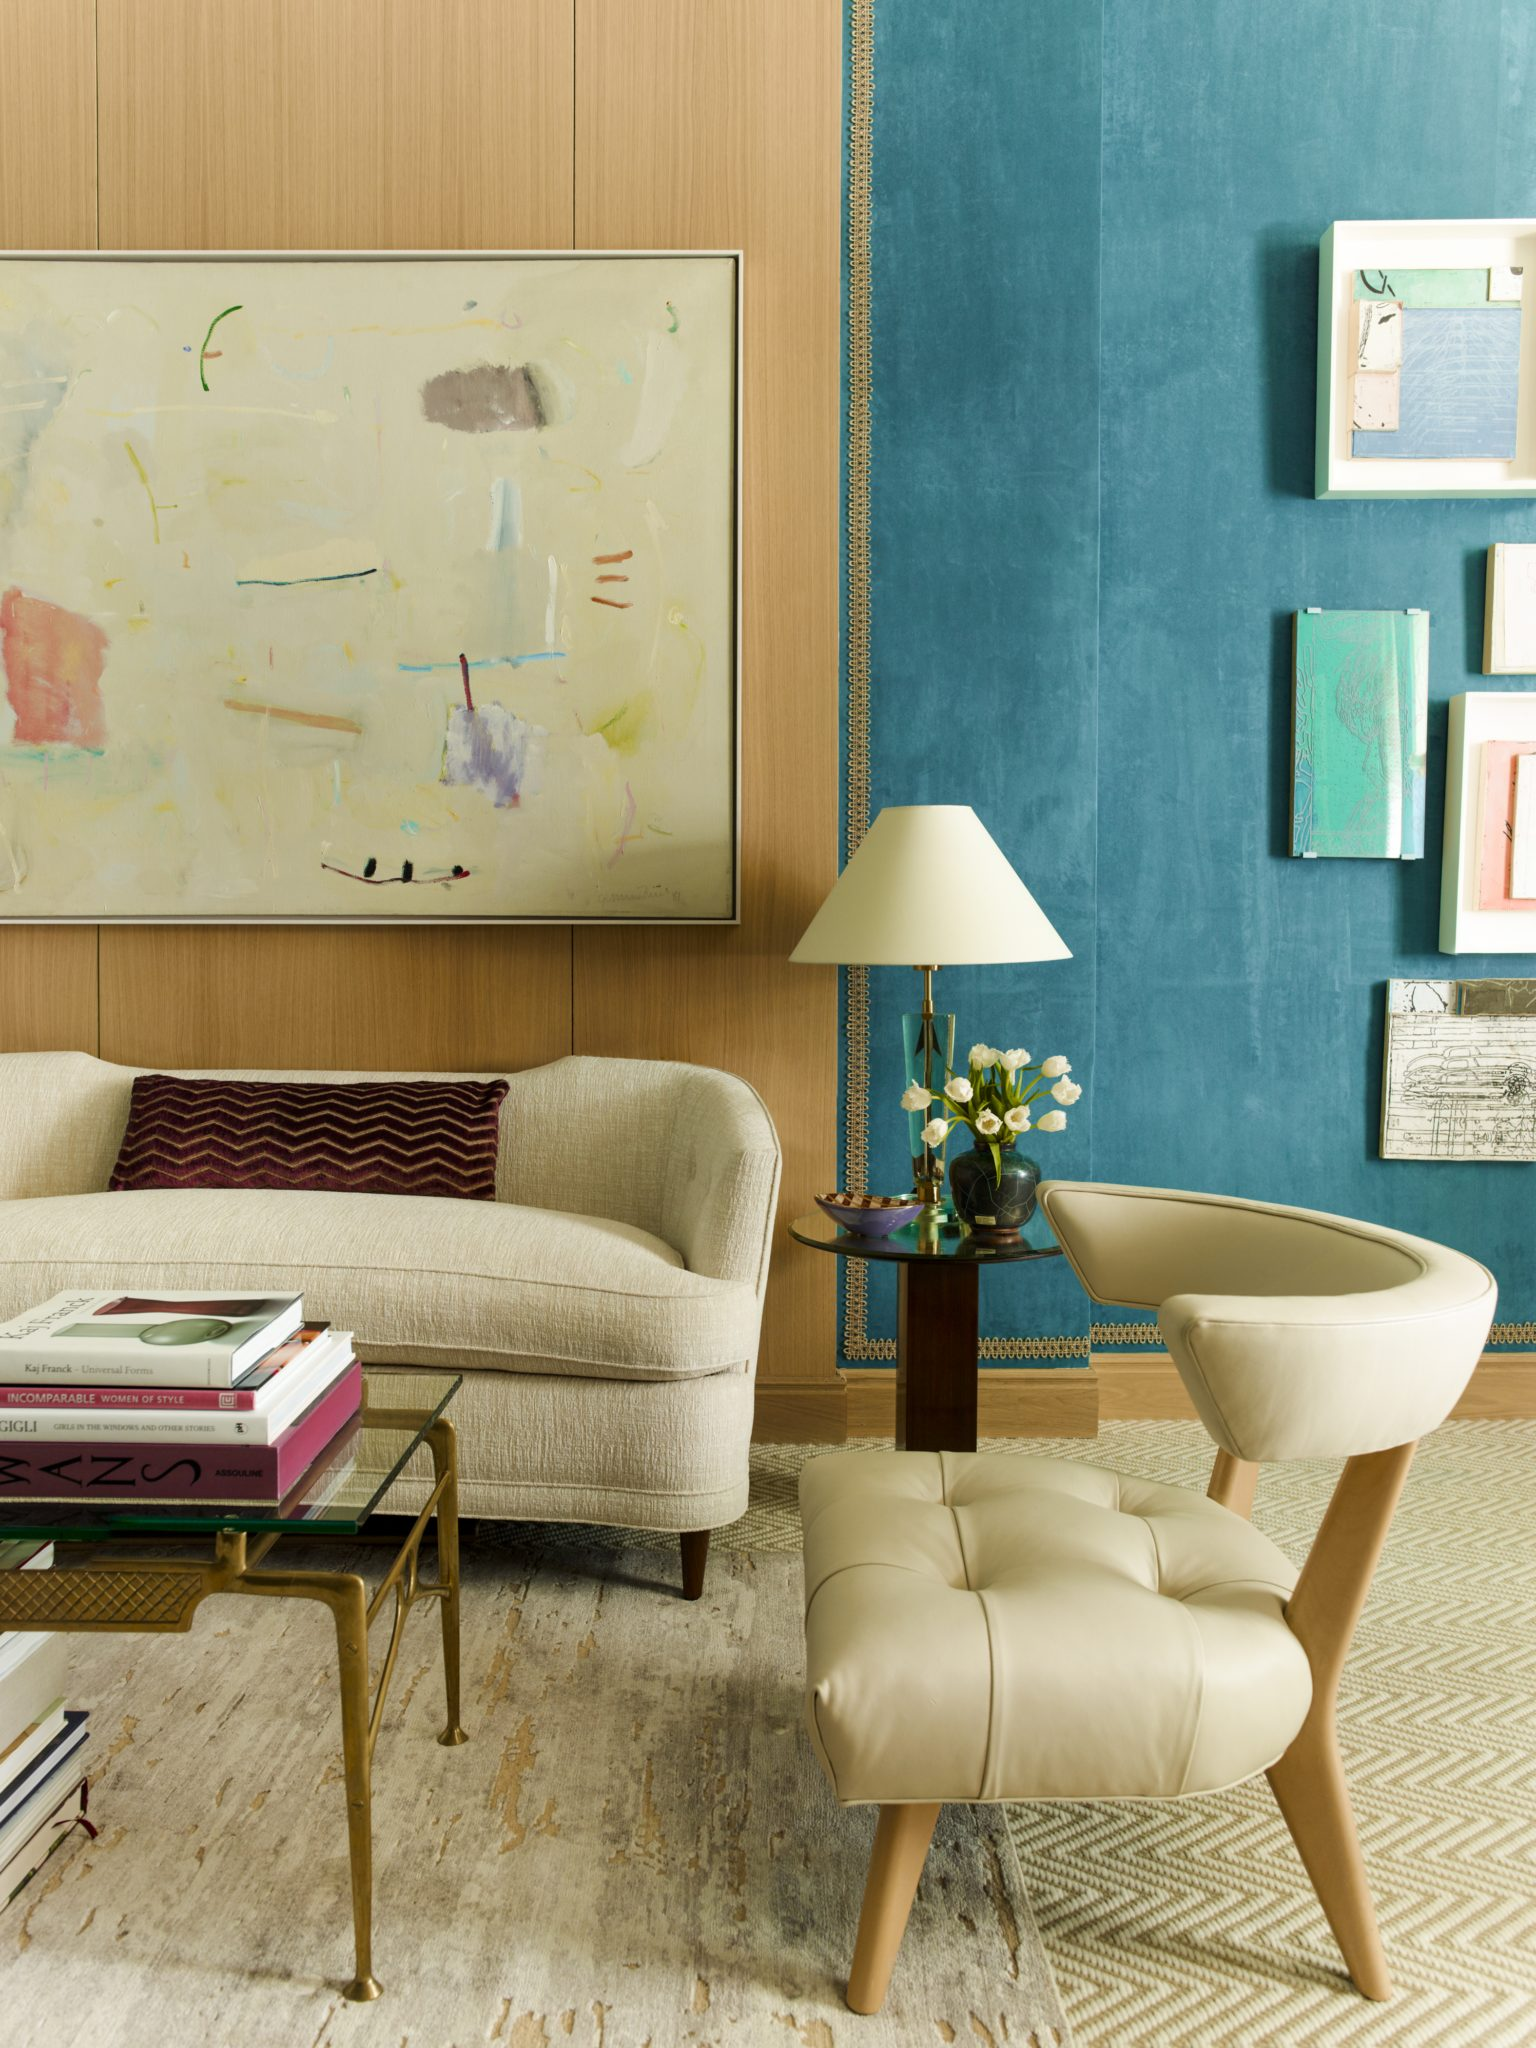 Cùng chiêm ngưỡng vẻ đẹp khó cưỡng của những căn phòng khách mang phong cách đương đại - Ảnh 4.